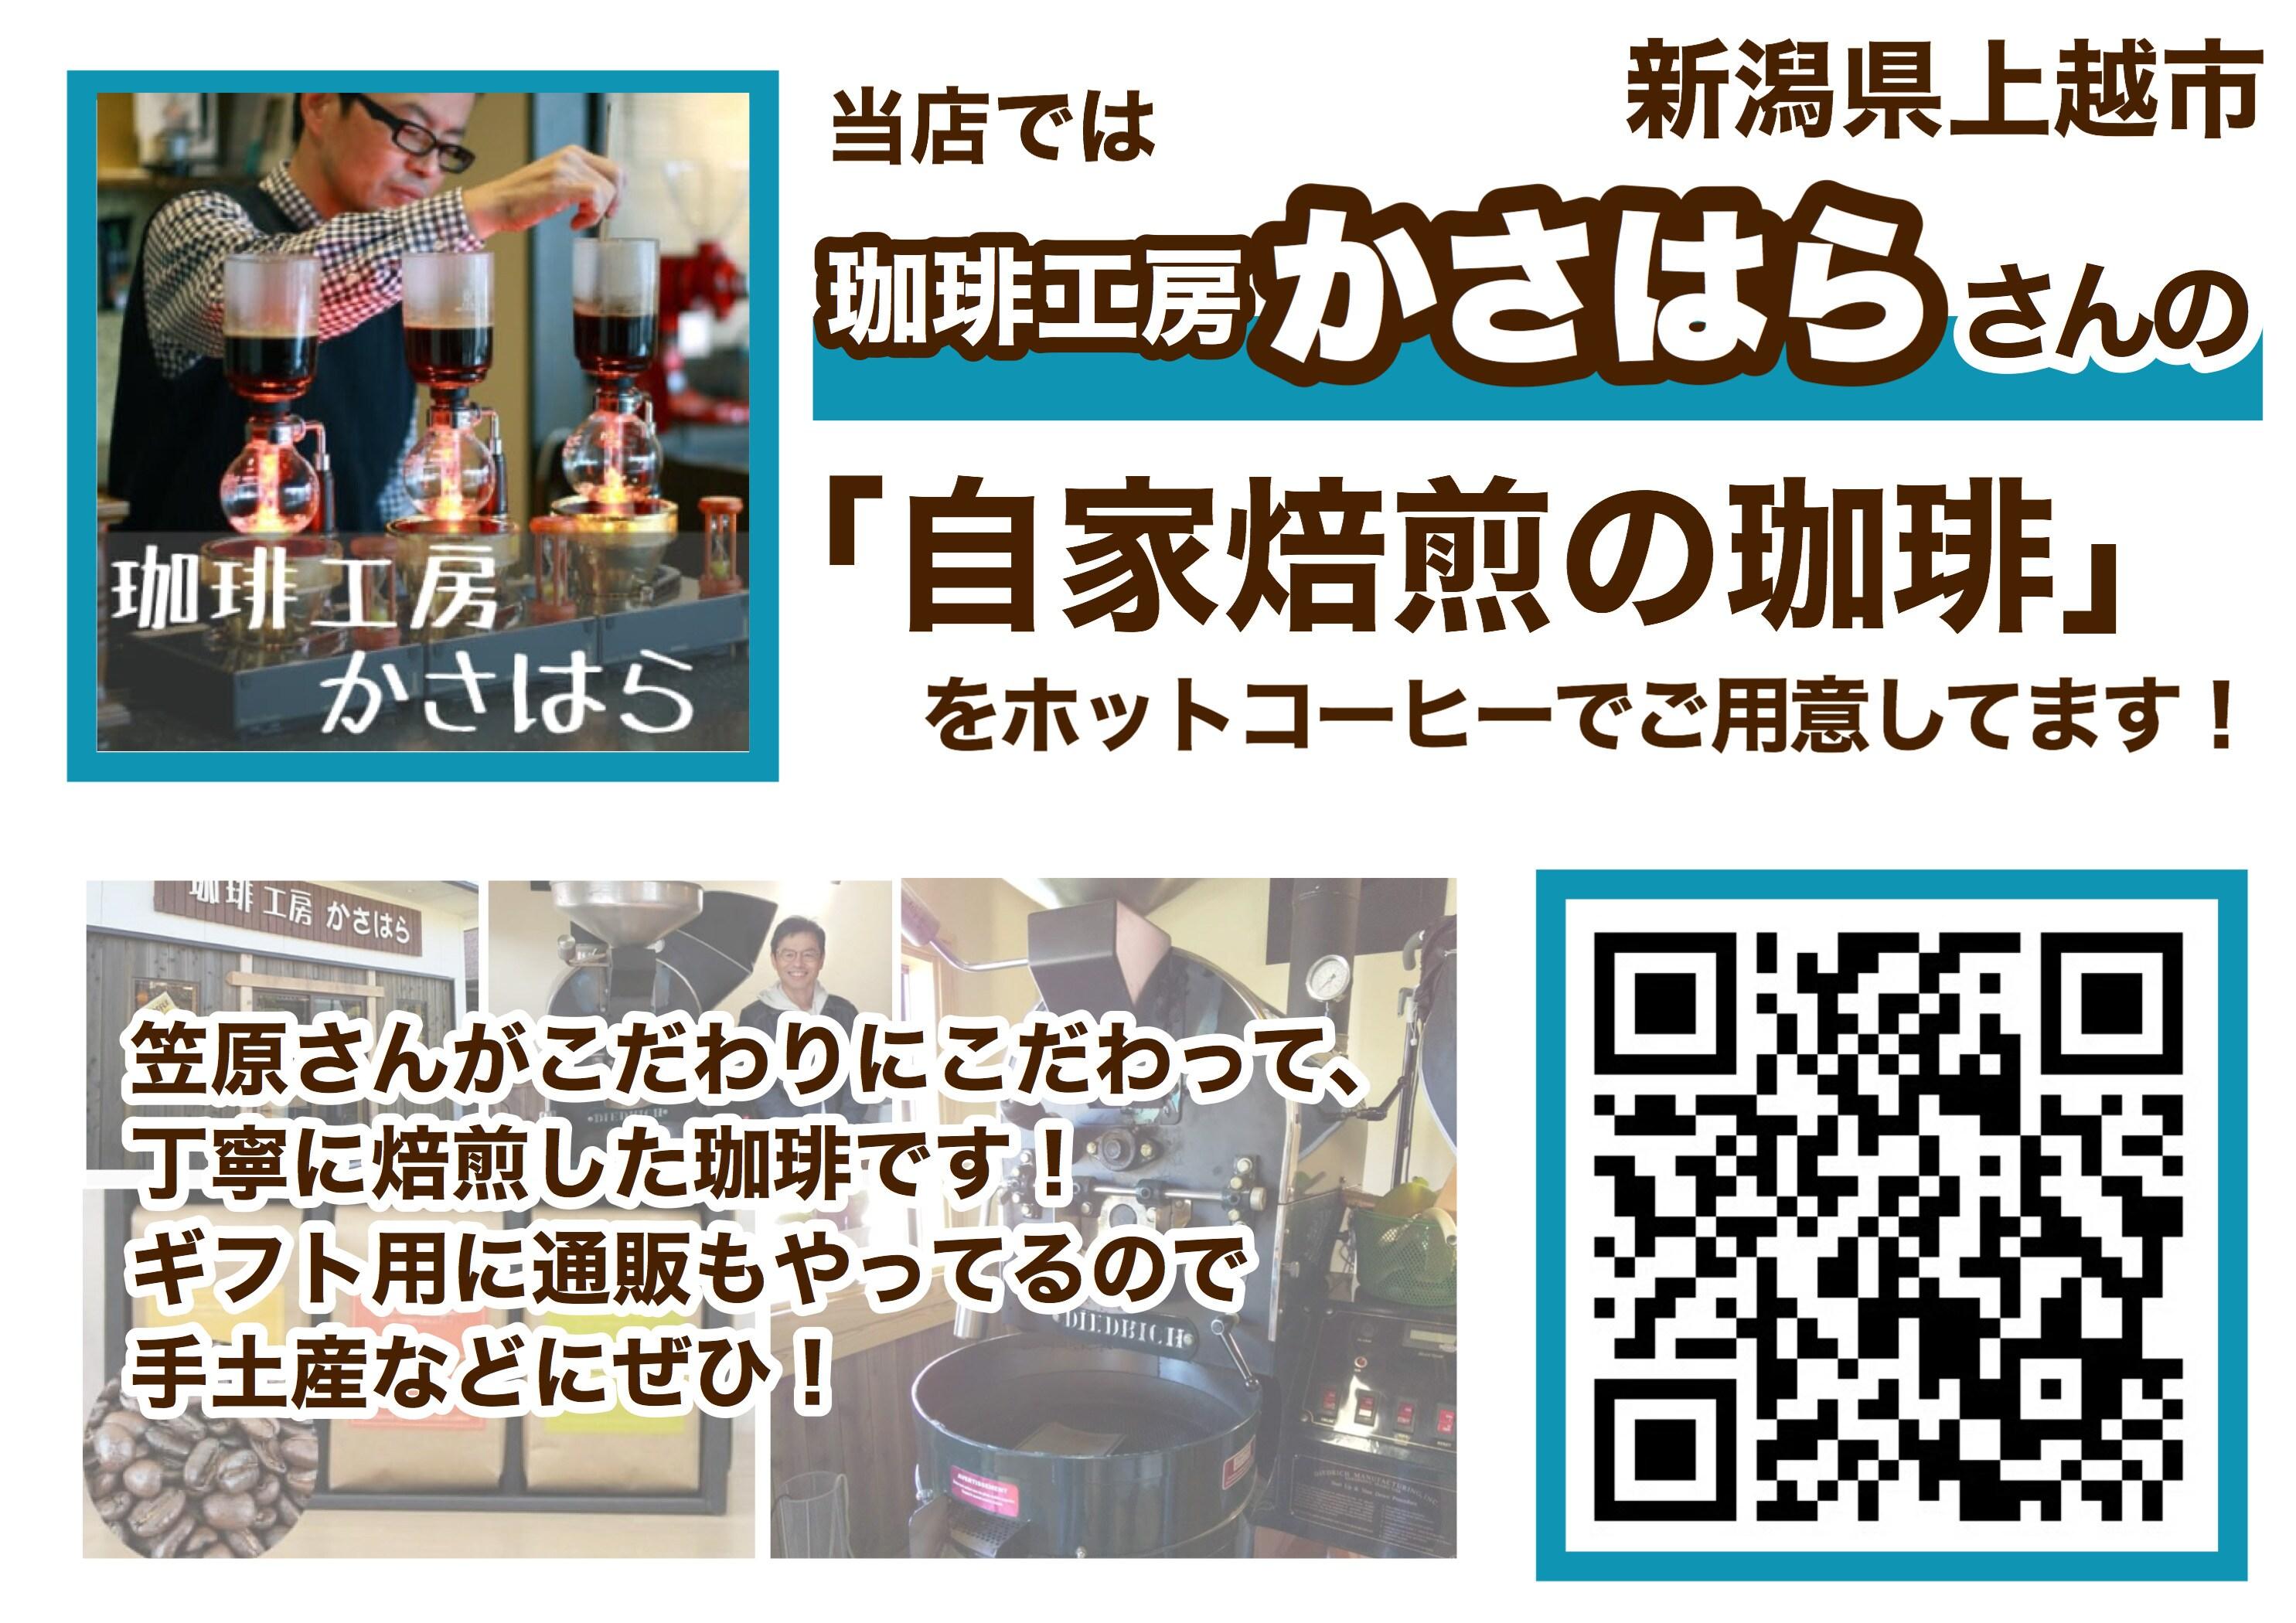 自家焙煎『珈琲工房かさはら』/人と人を笑顔で繋ぐ珈琲ギフト/新潟県上越市